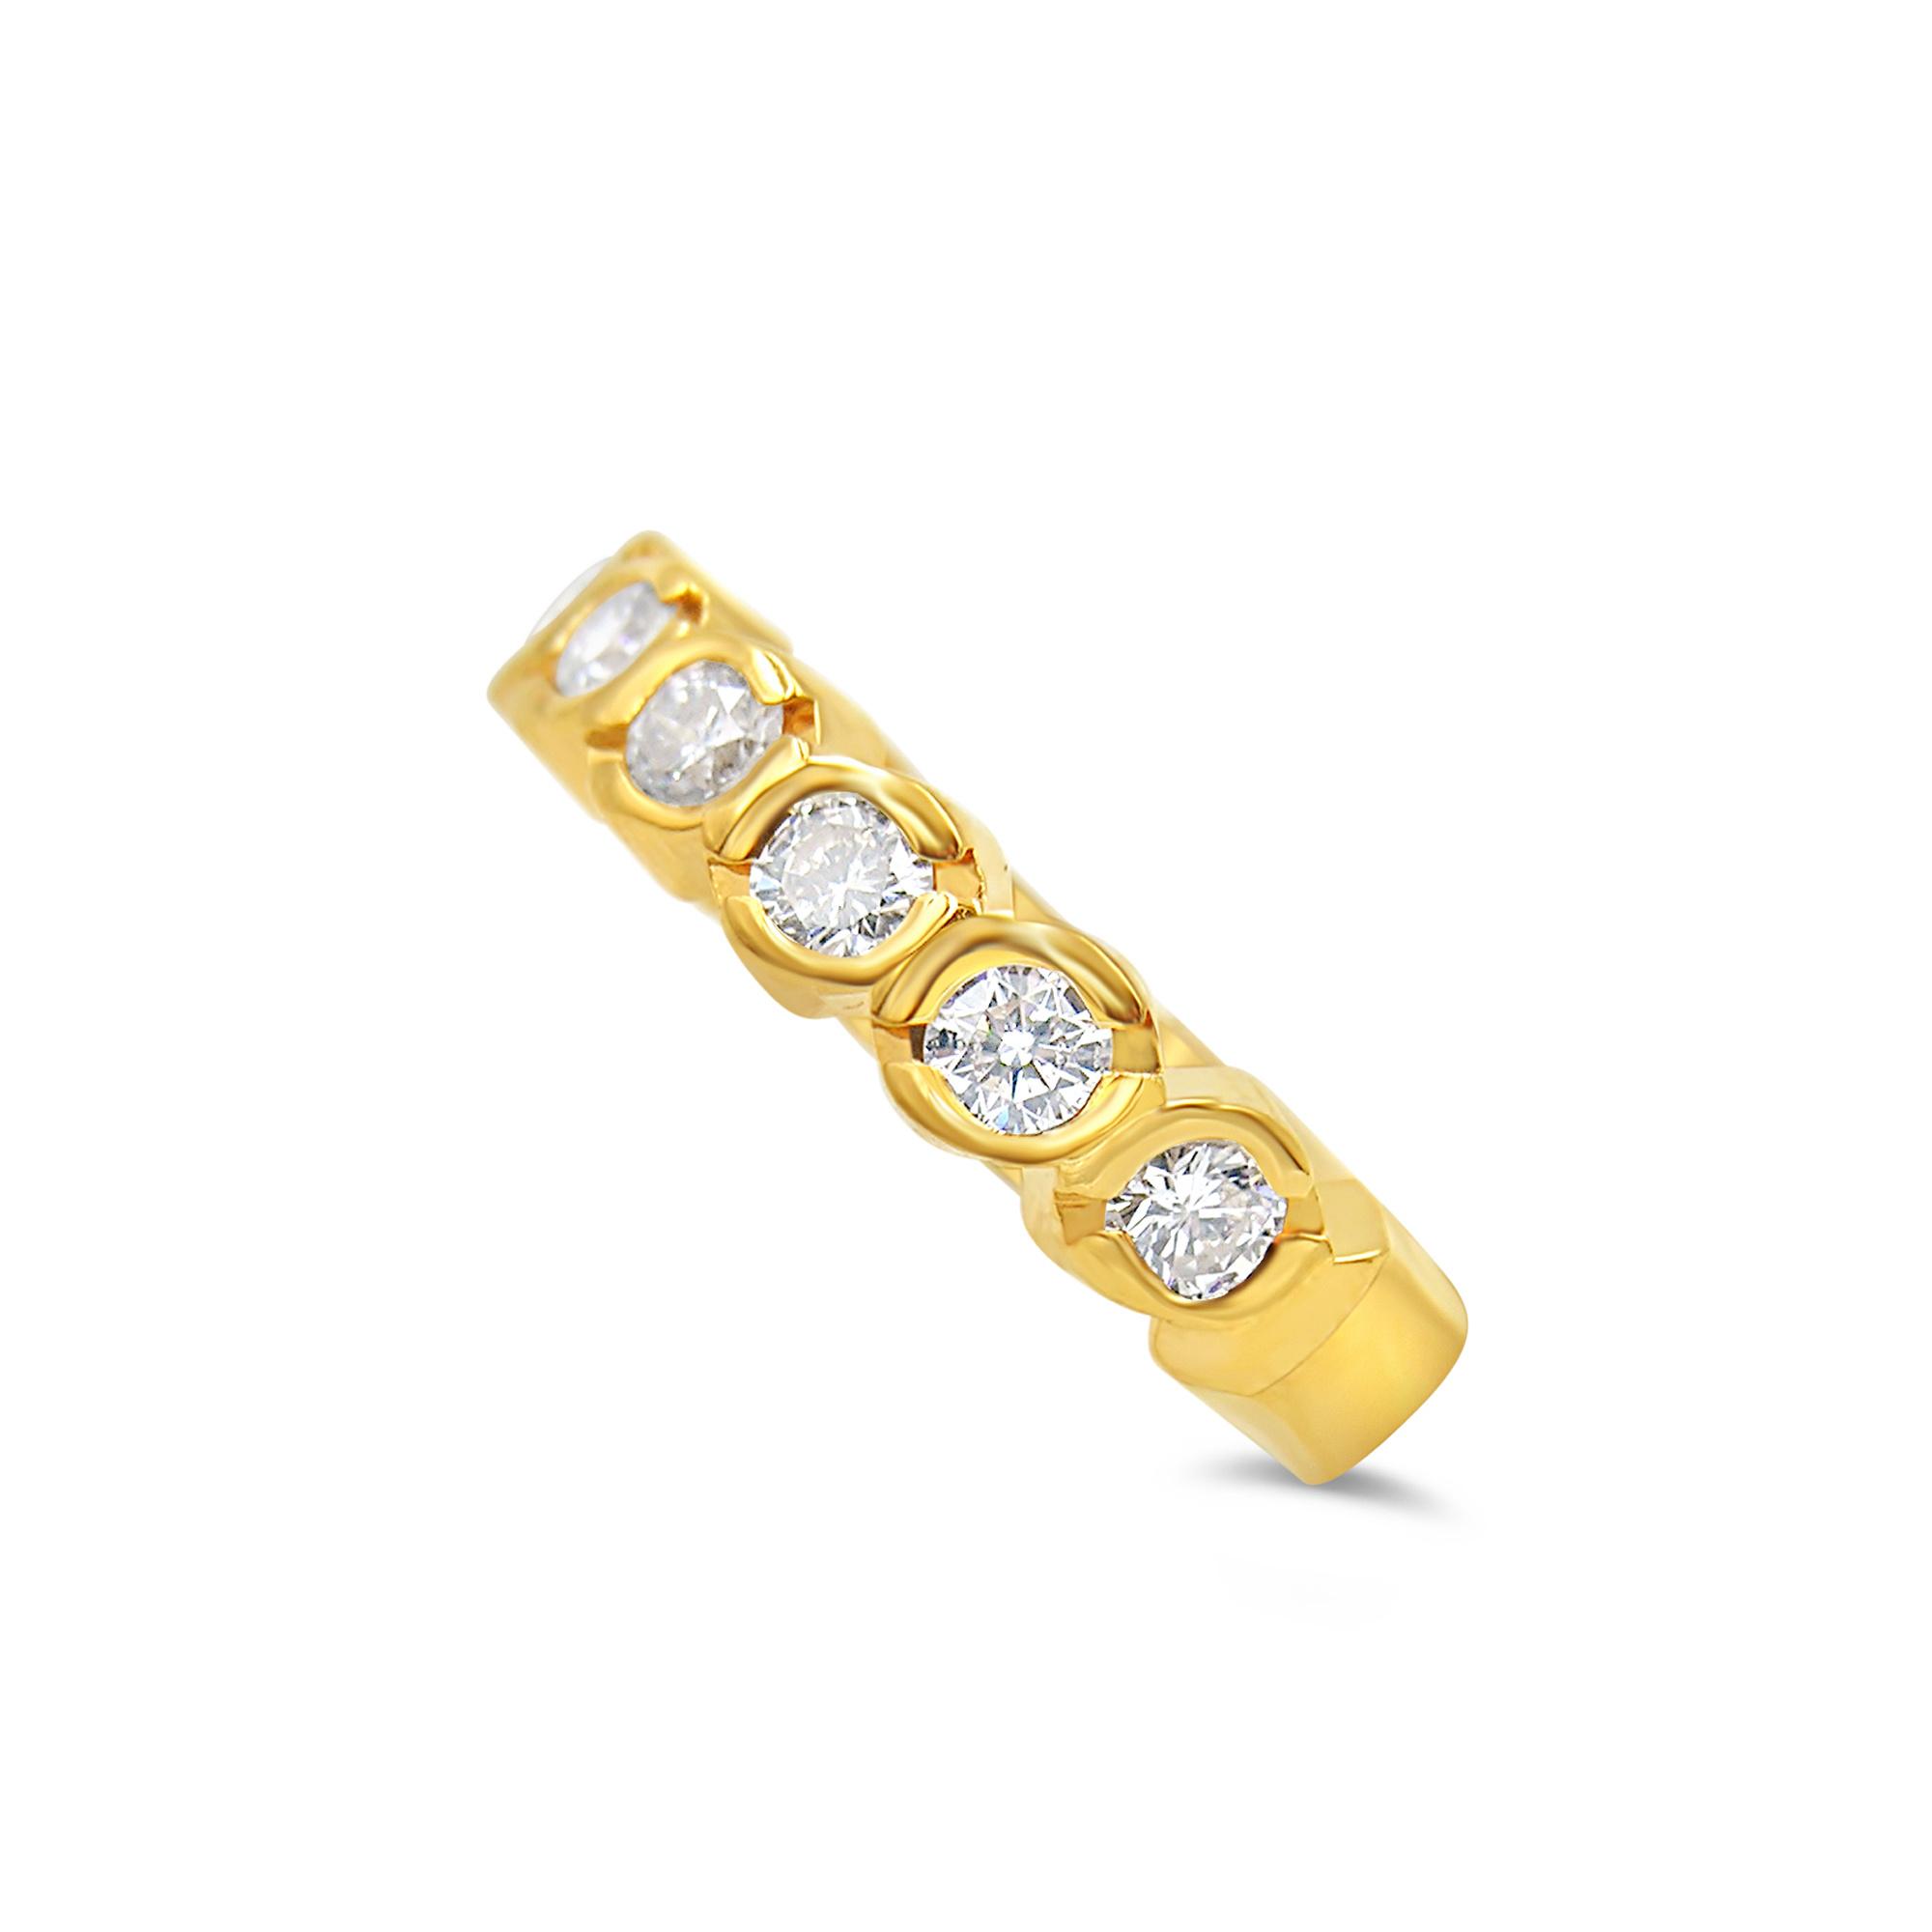 18k geel goud ring met 0.63 ct diamanten